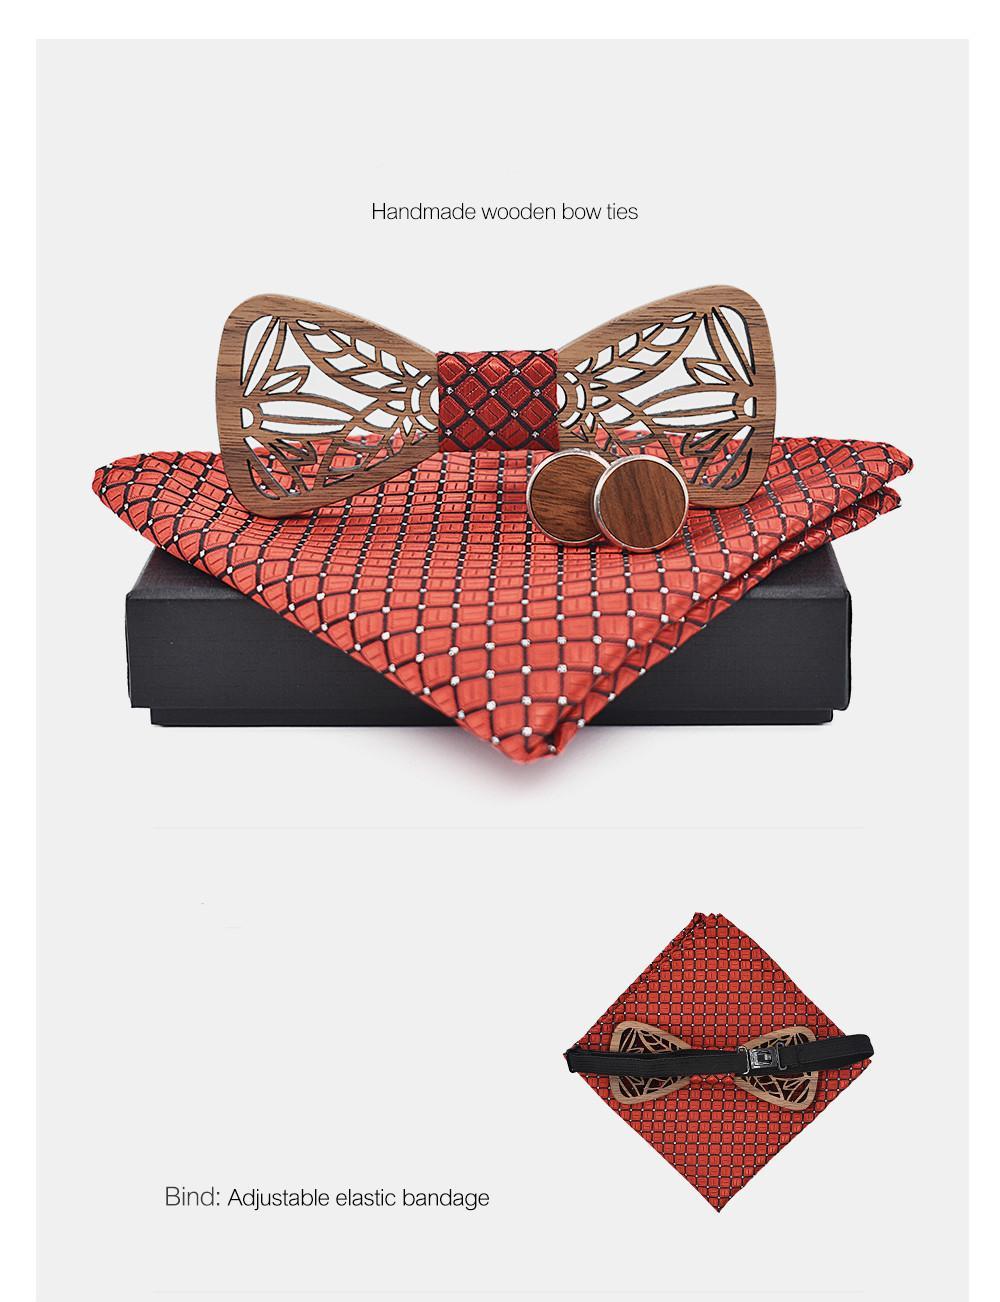 Yeni Moda Ayarlanabilen El Yapımı Ahşap Papyon Seti Ve Mendil Geometrik Papyon Eşarp Kol Düğmesi Kutusu Set Erkekler Için Noel Hediyeleri